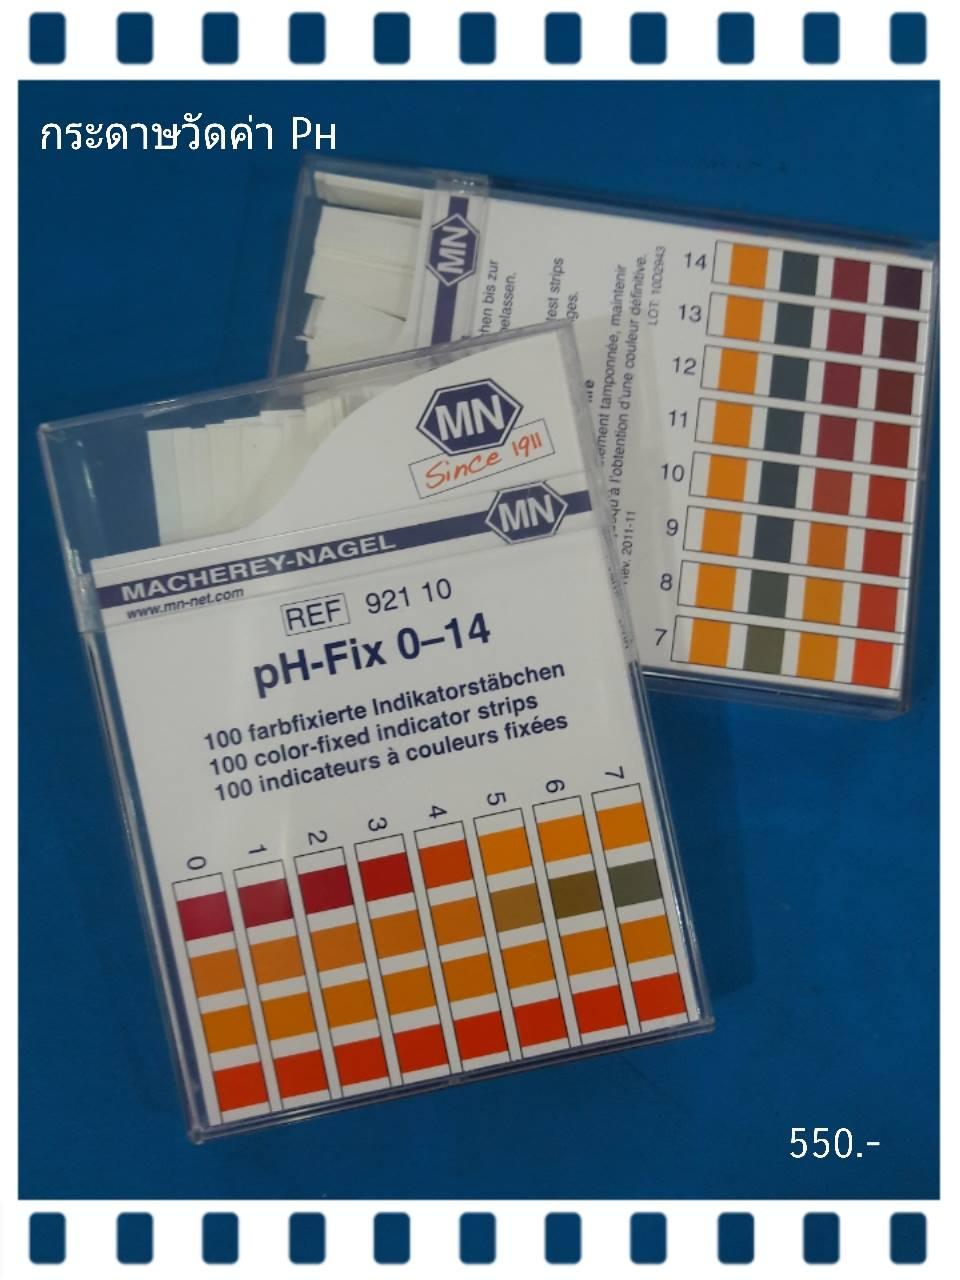 กระดาษวัดค่า Ph ใช้วัดค่าความเป็น กรด-ด่าง ของผลิตภัณฑ์ 550 บาท